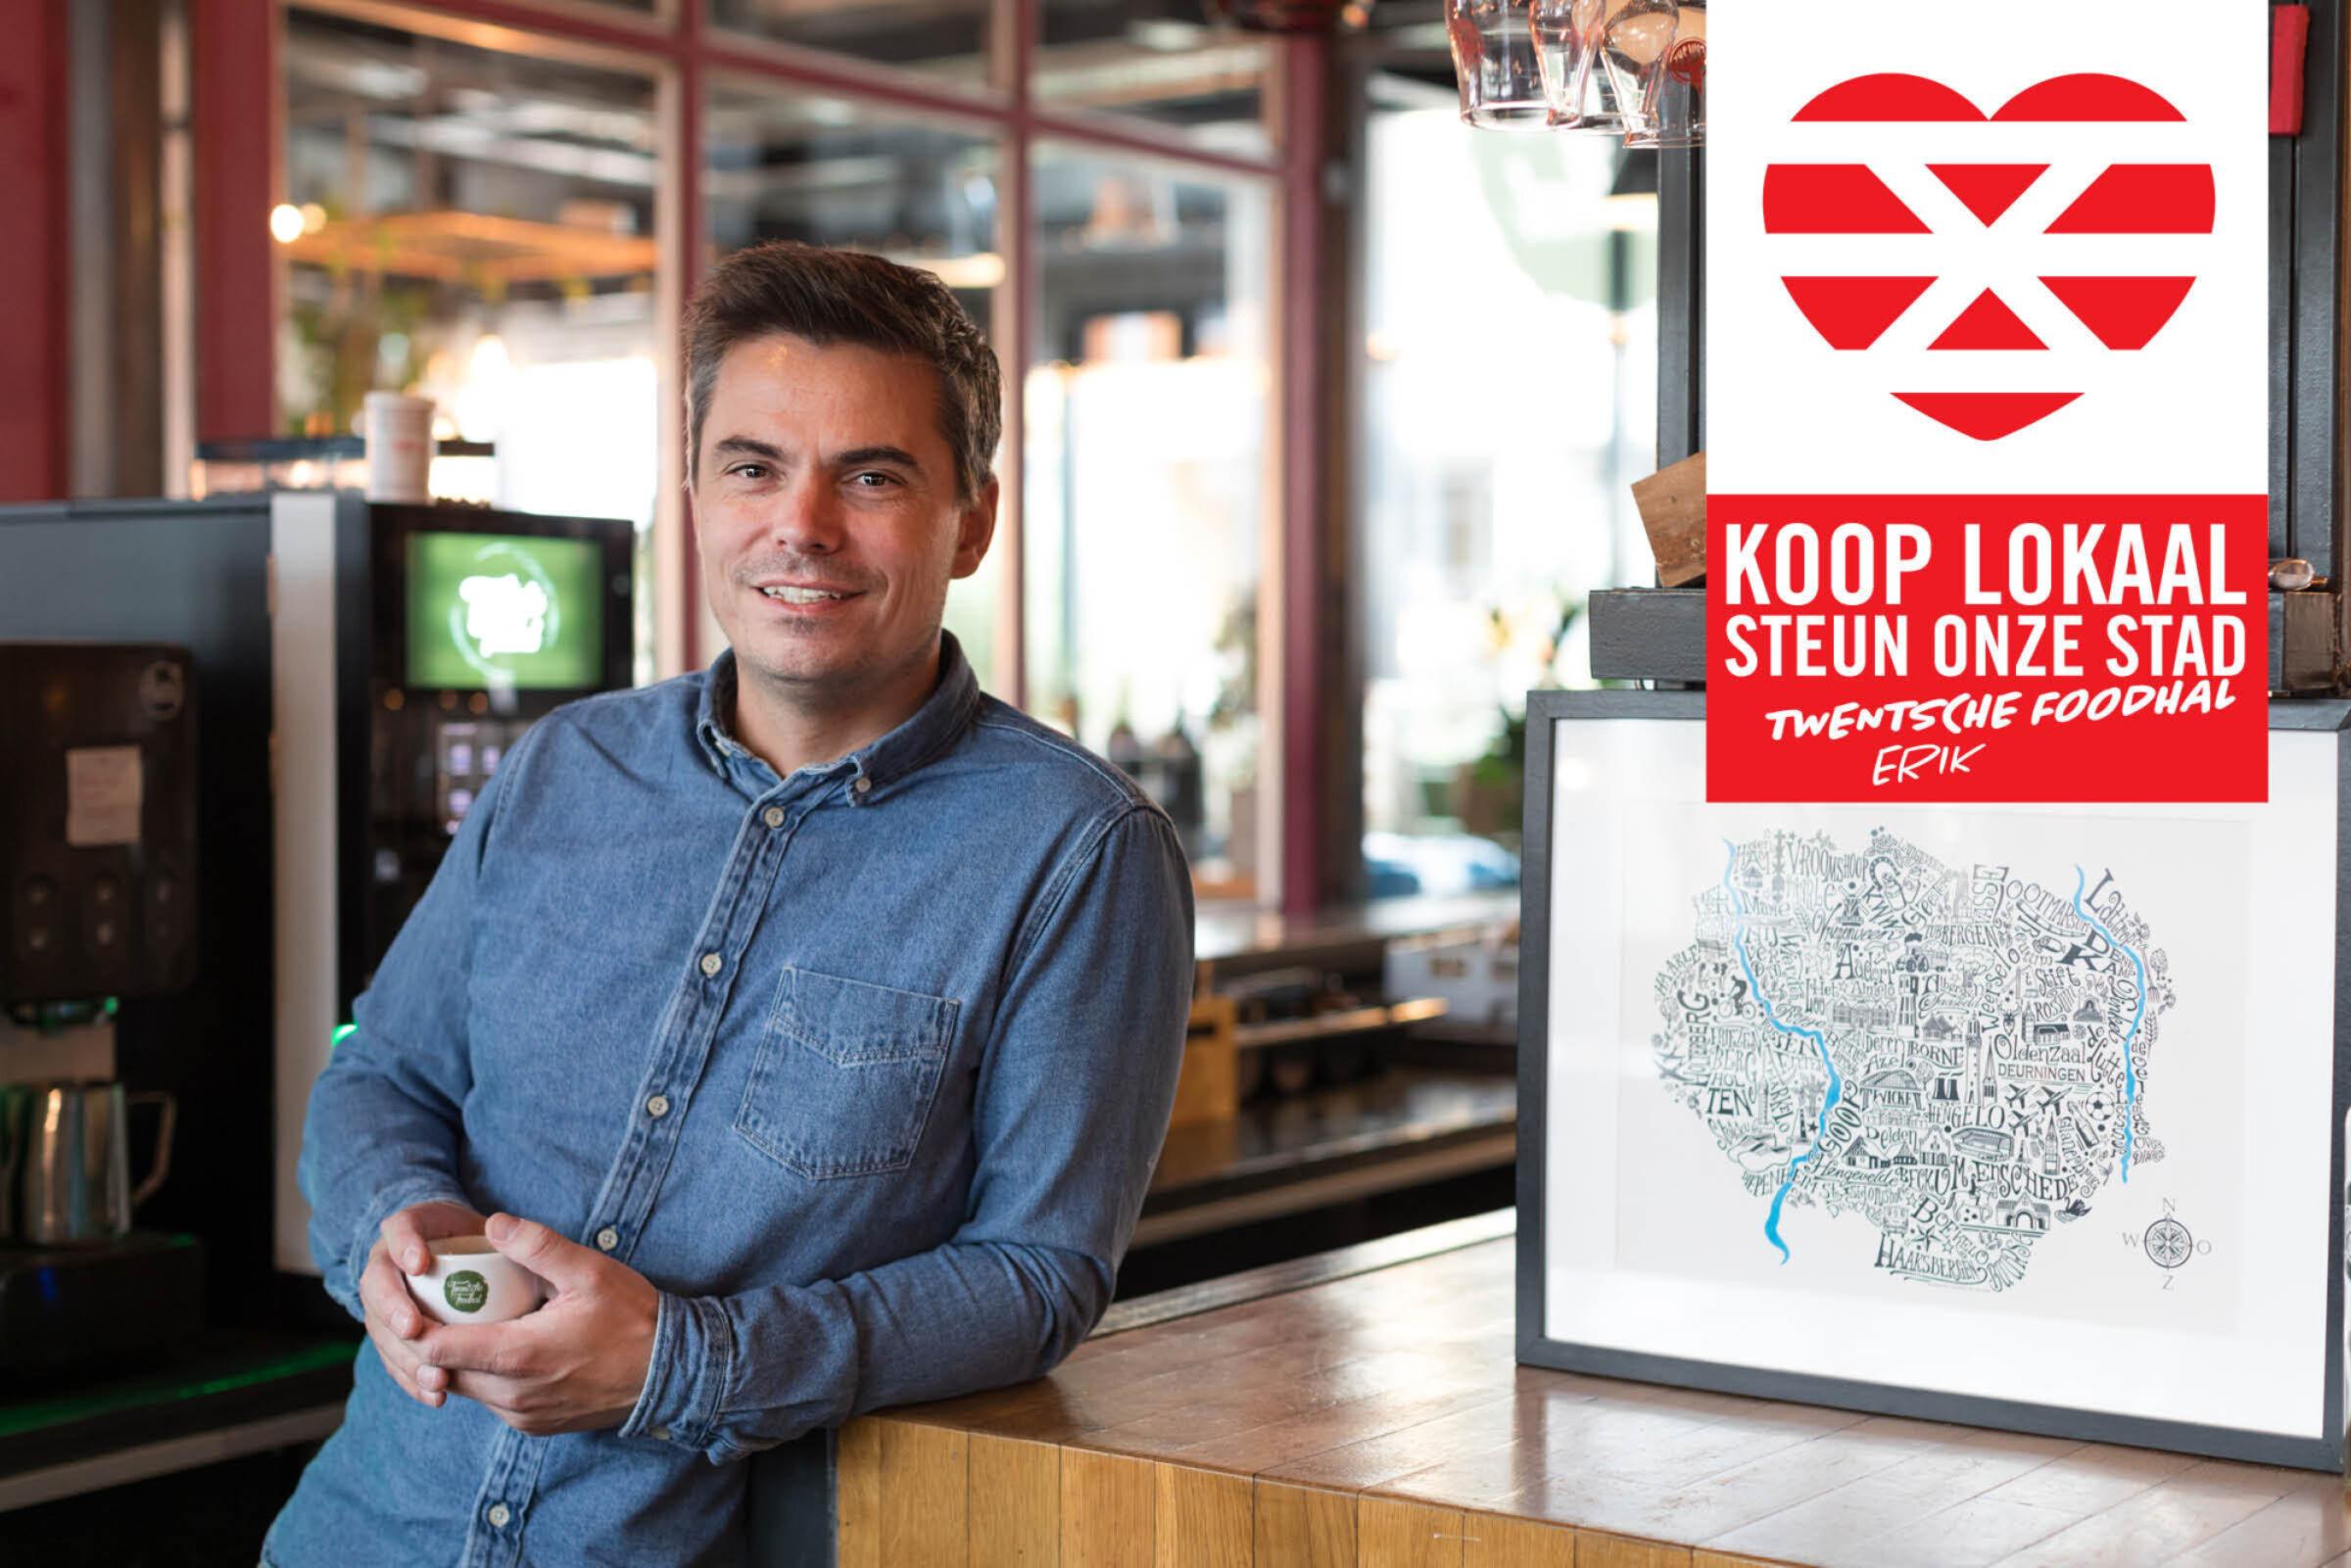 Steun onze stad Koop lokaal Enschede Twentsche Foodhal Erik